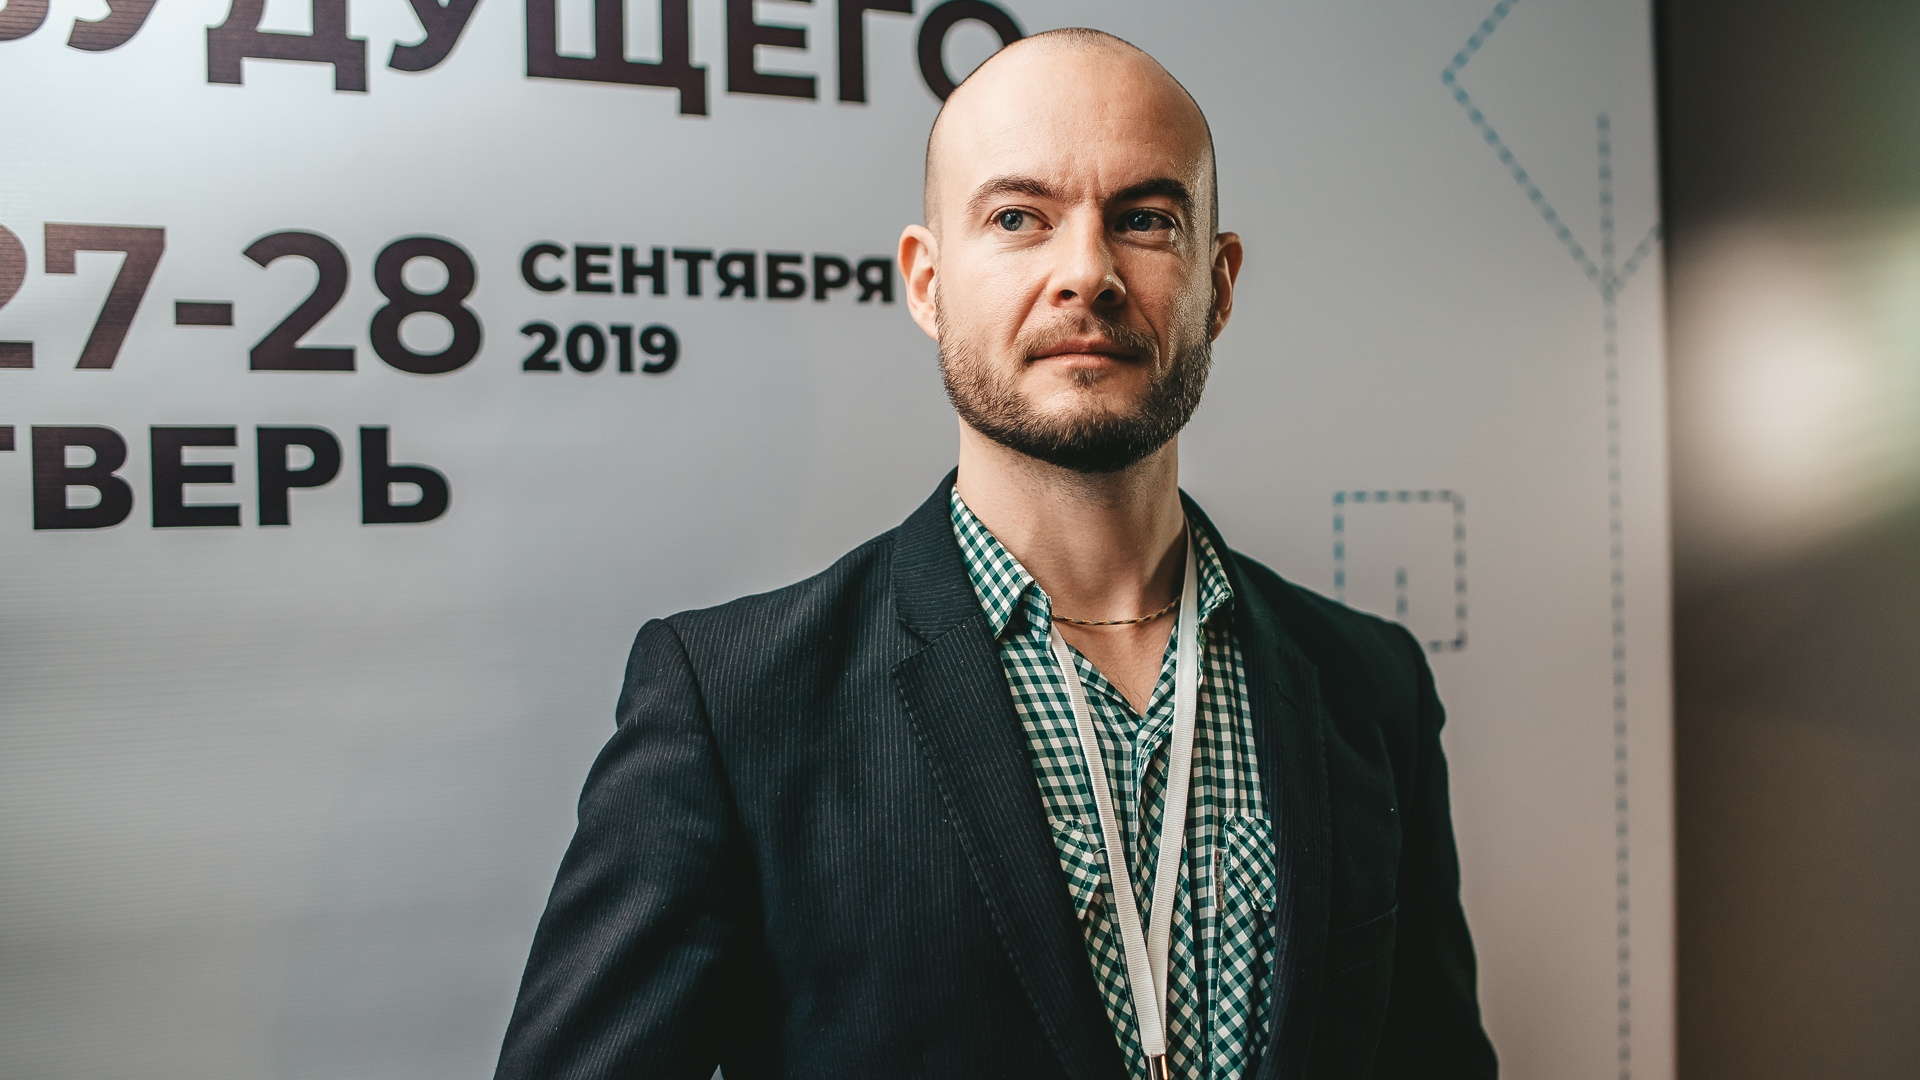 Игорь Докучаев: в регионе созданы СМИ нового формата